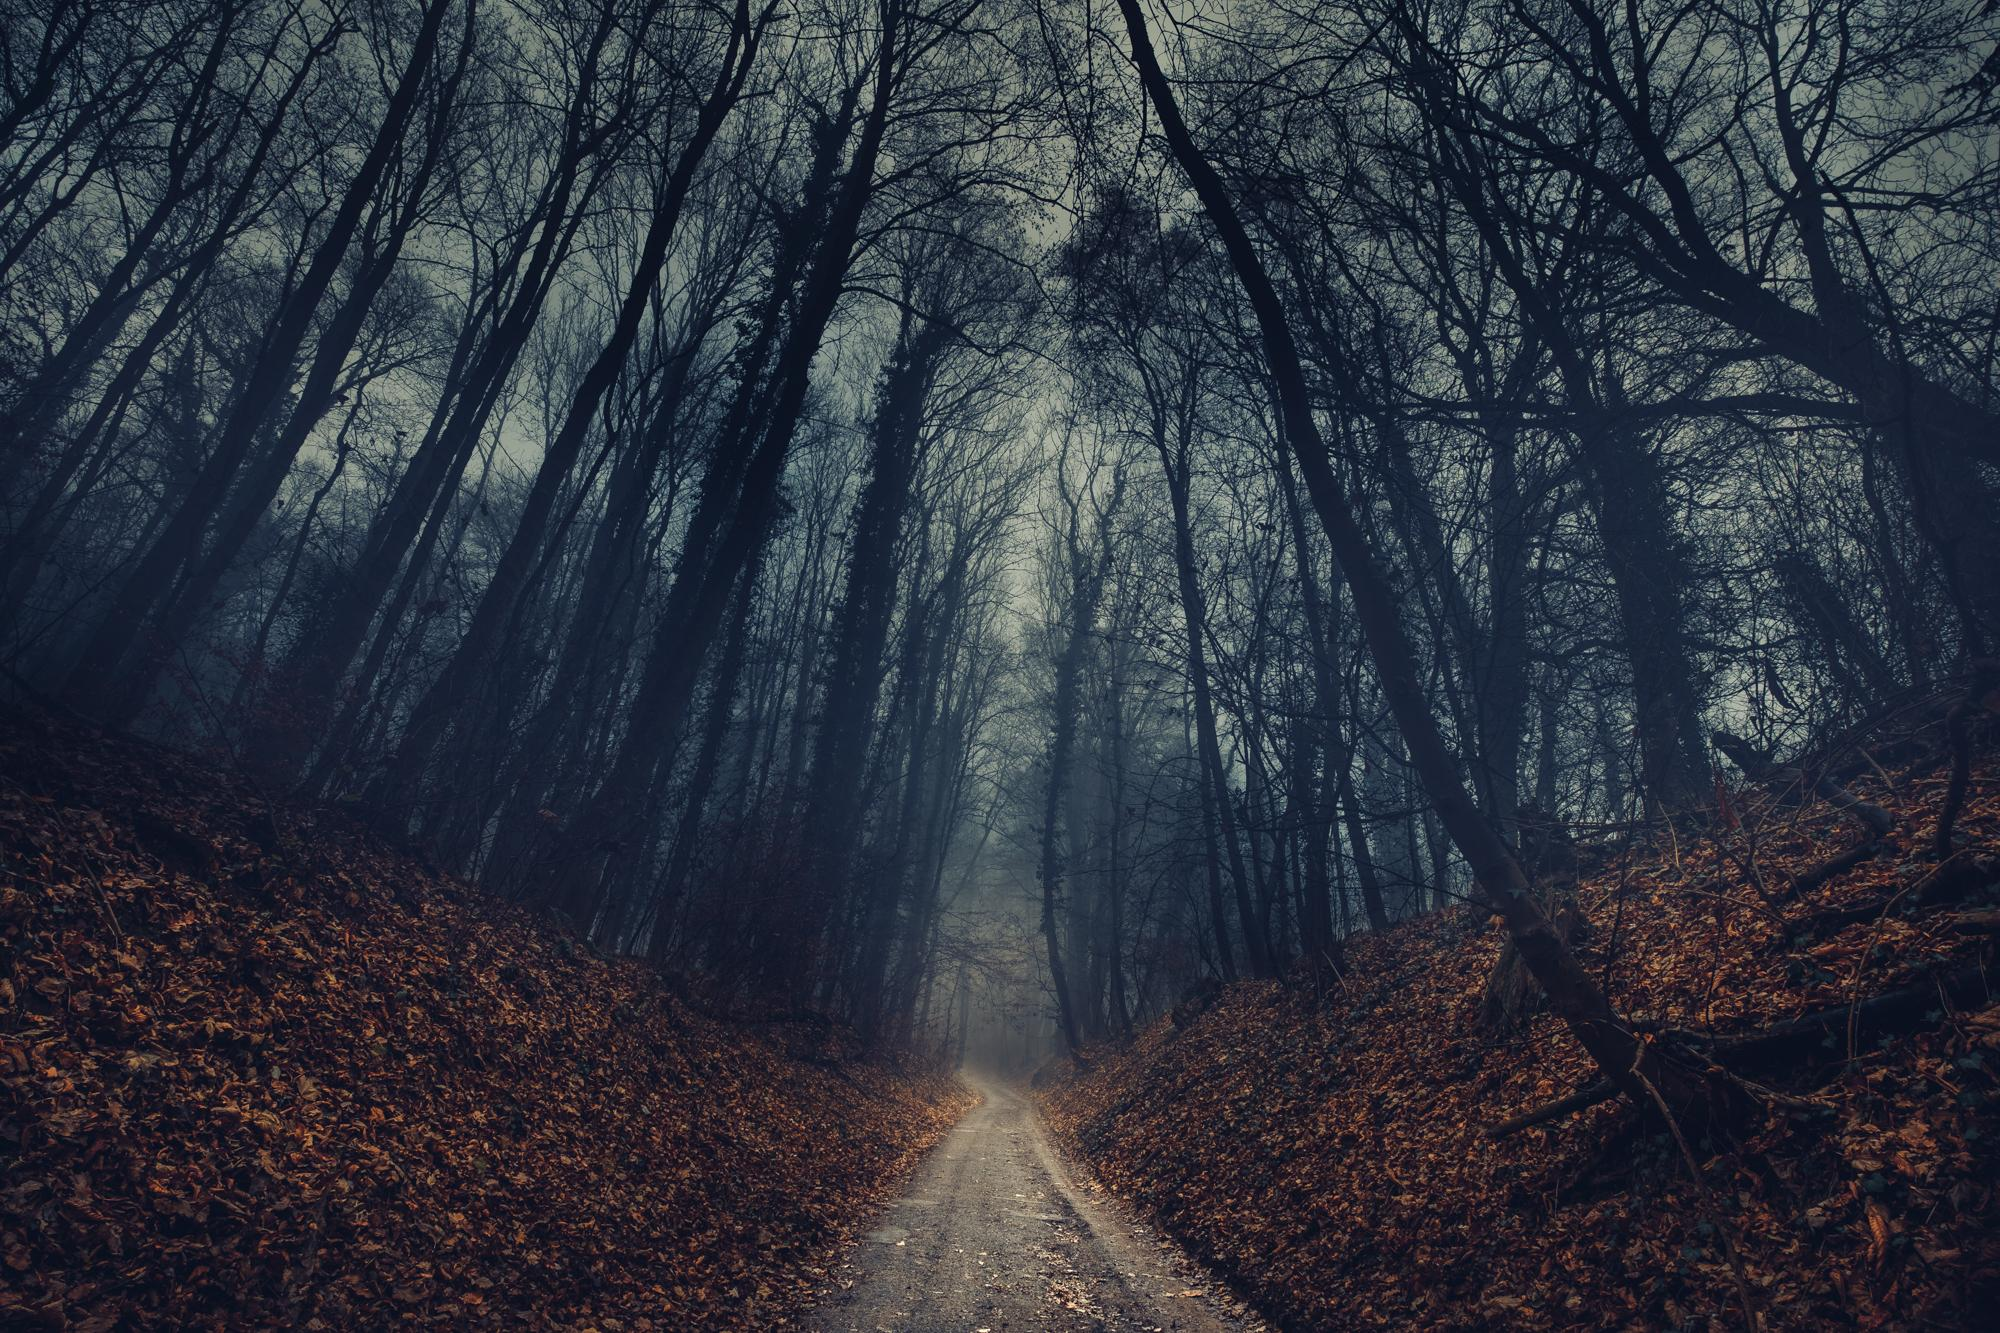 Creepy Woods Aesthetic